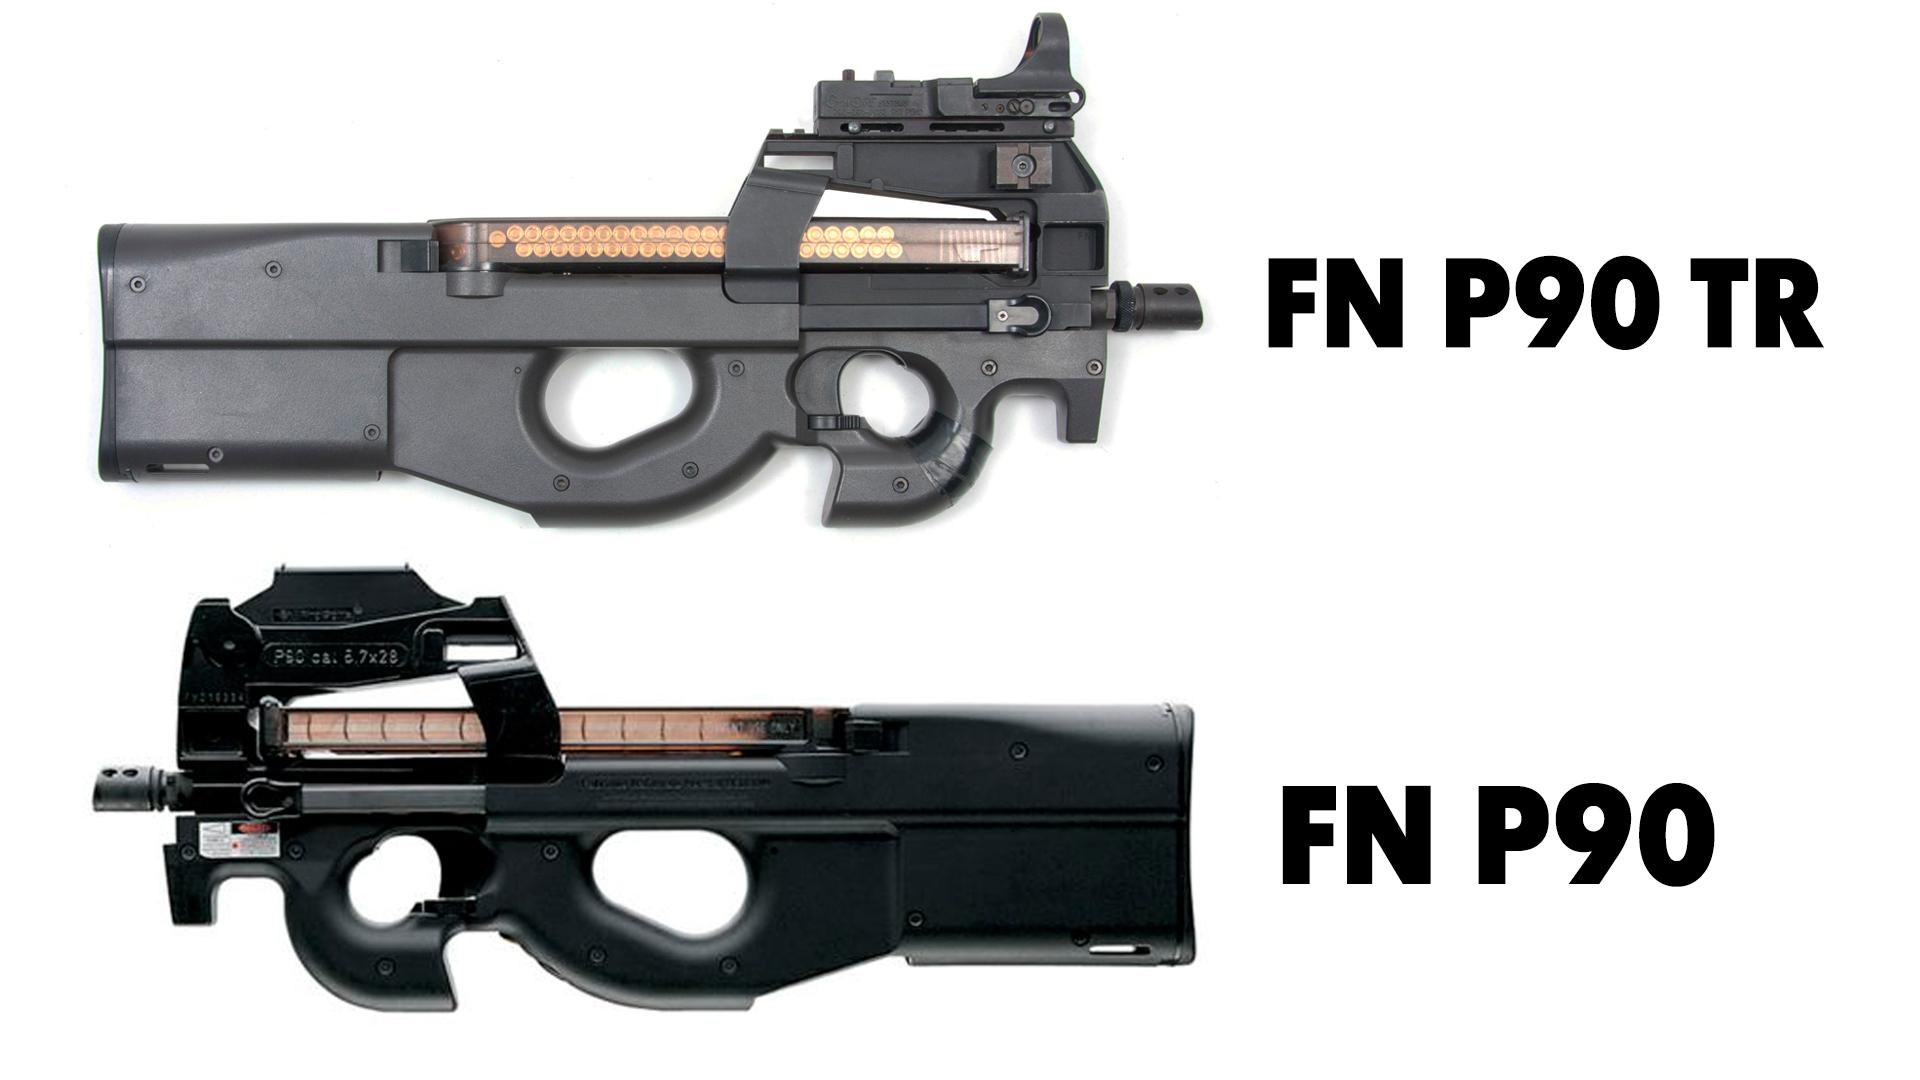 Parmi les modèles pressentis, le P90 de la FN